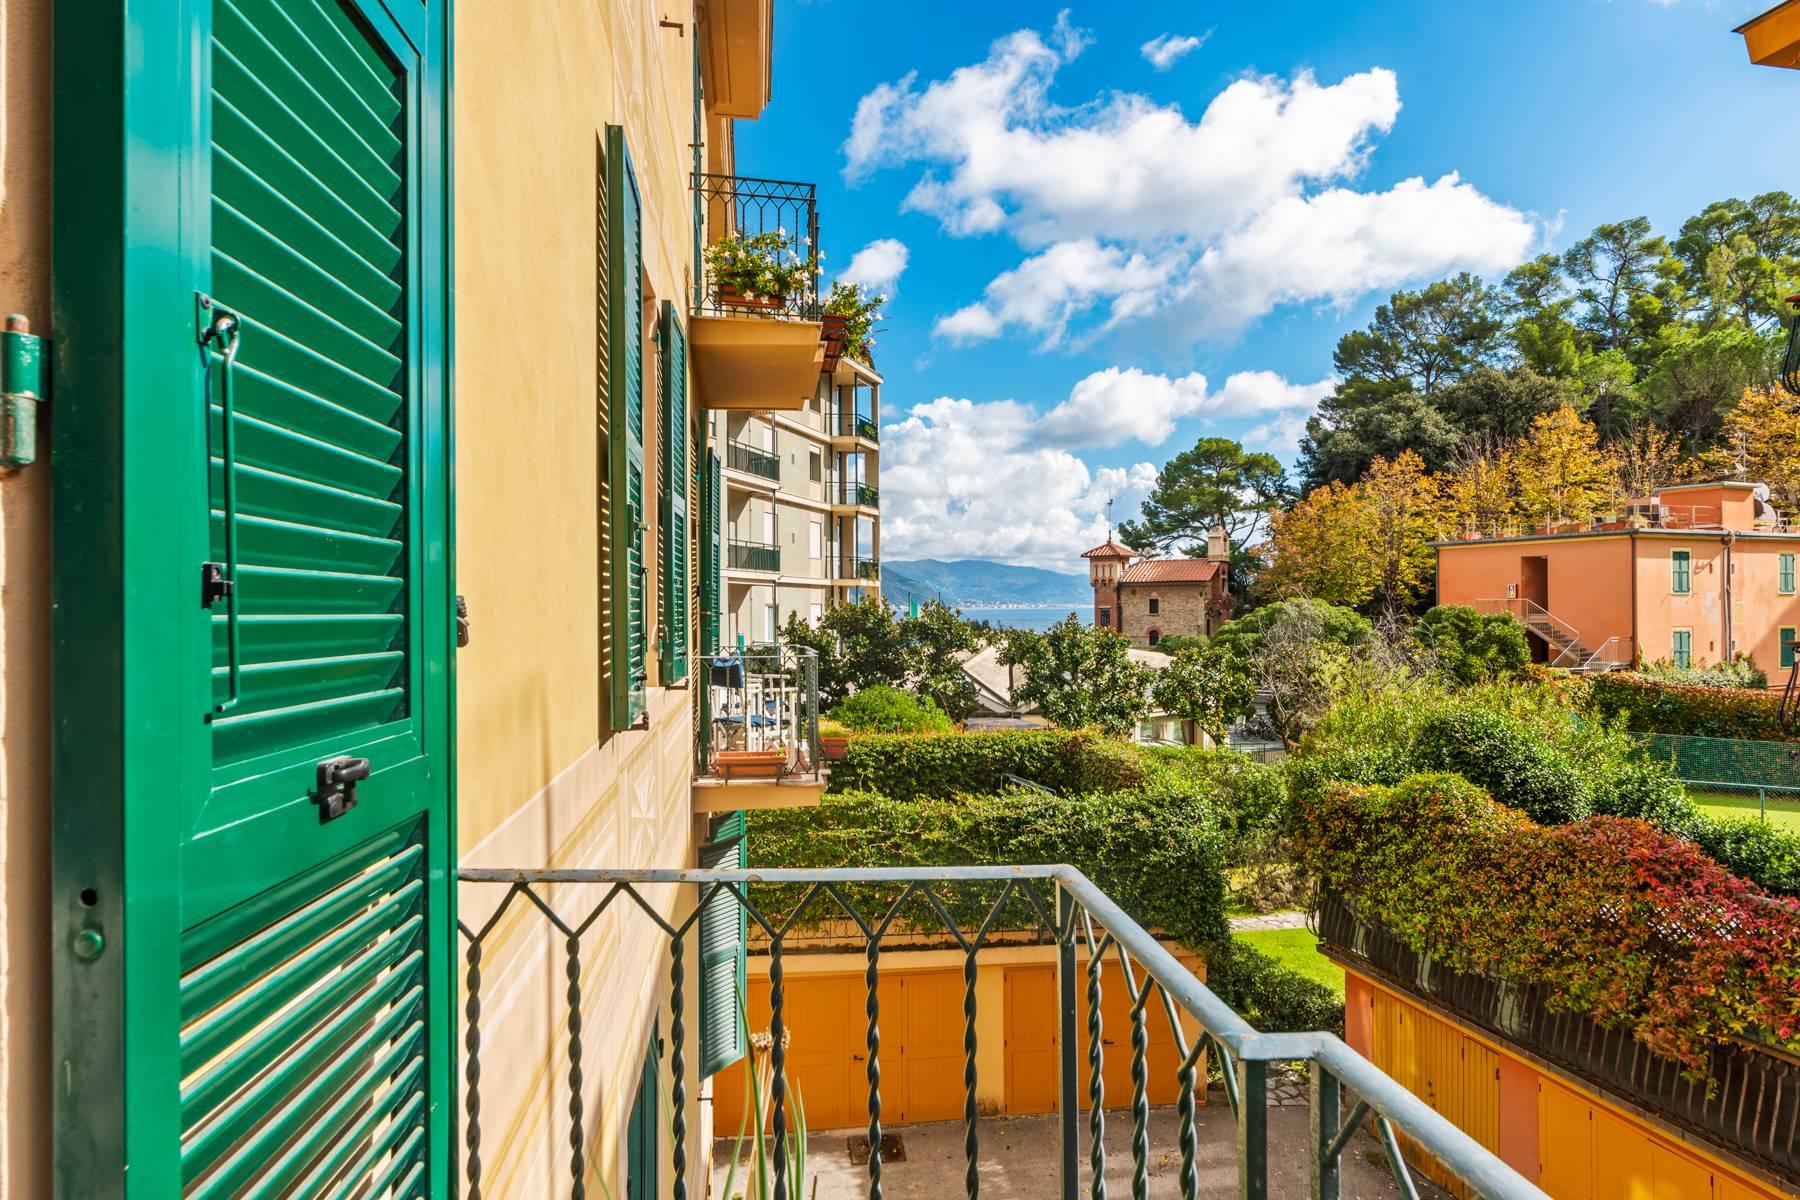 Appartamento in Vendita a Santa Margherita Ligure via milite ignoto